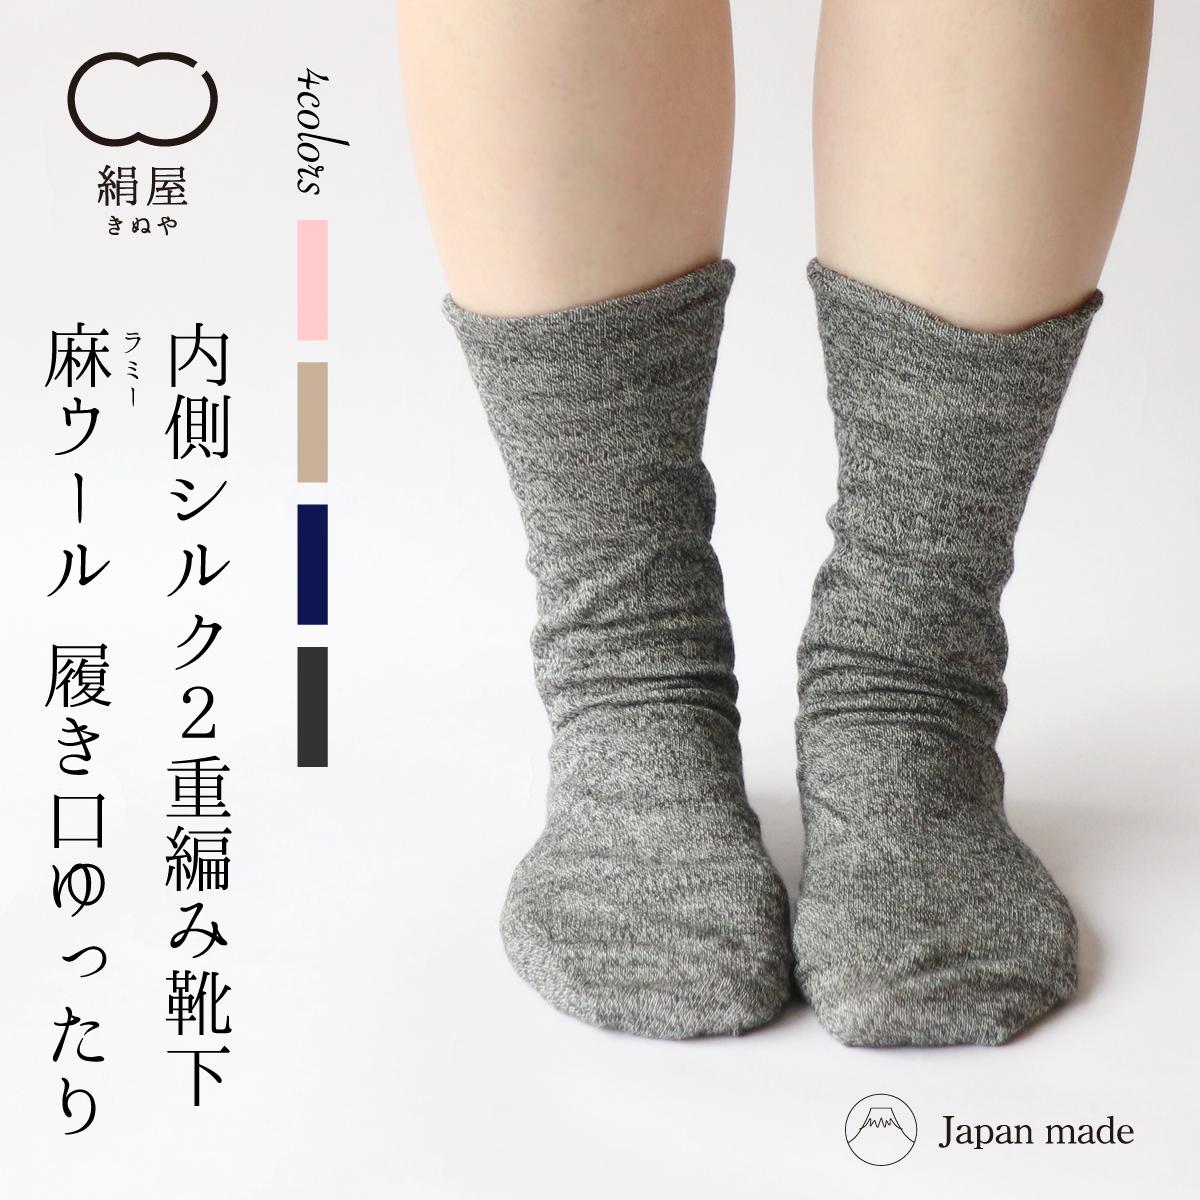 内側 シルク 2重編み 靴下 麻 ウール 履き口ゆったり 冷えとり 冷え取り くつした ソックス 天然素材 絹 シルク ラミー レディース 女性 天然素材 日本製 冷え性 絹屋 [5284]